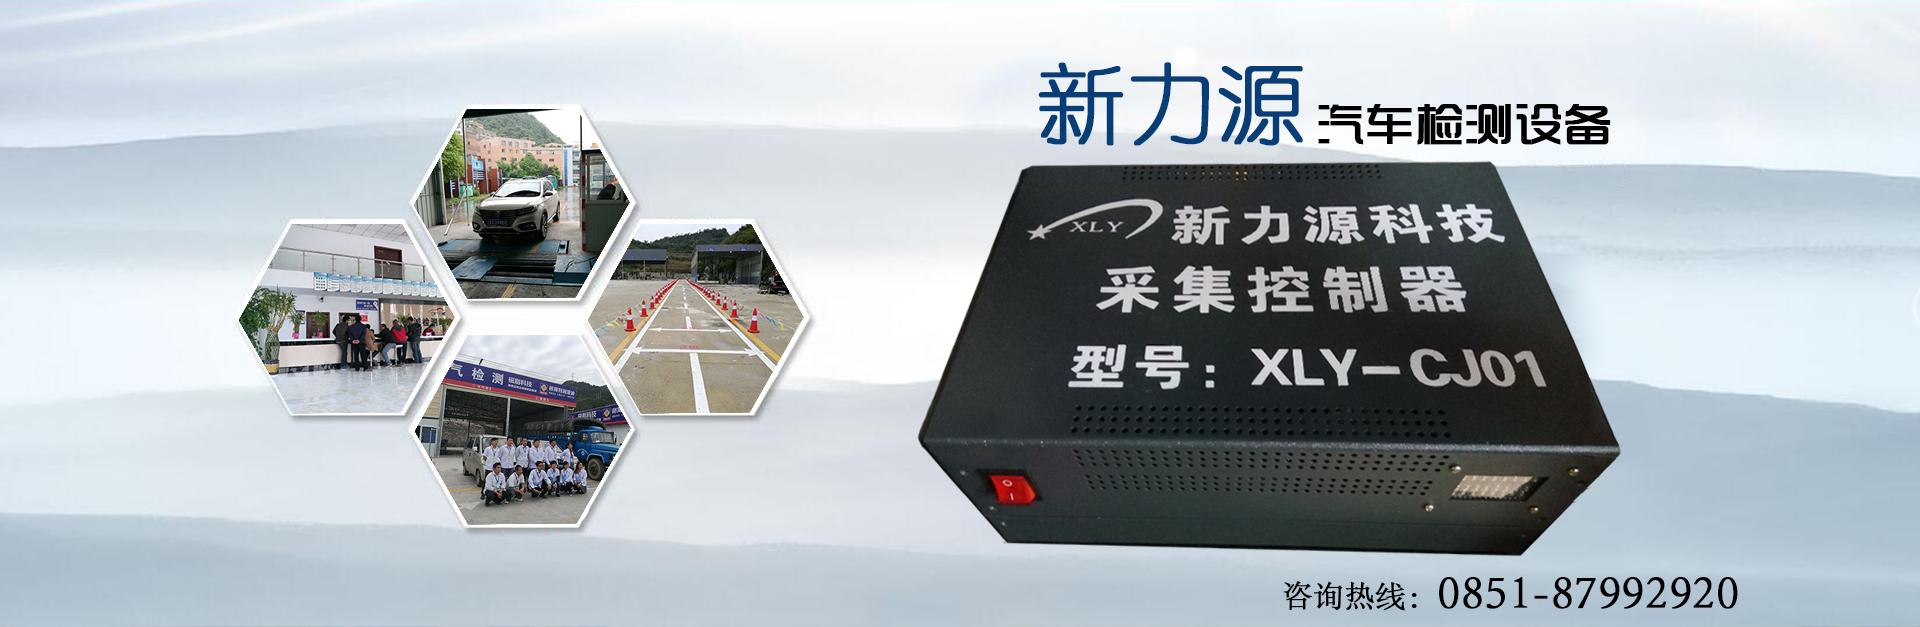 貴州汽車檢測設備